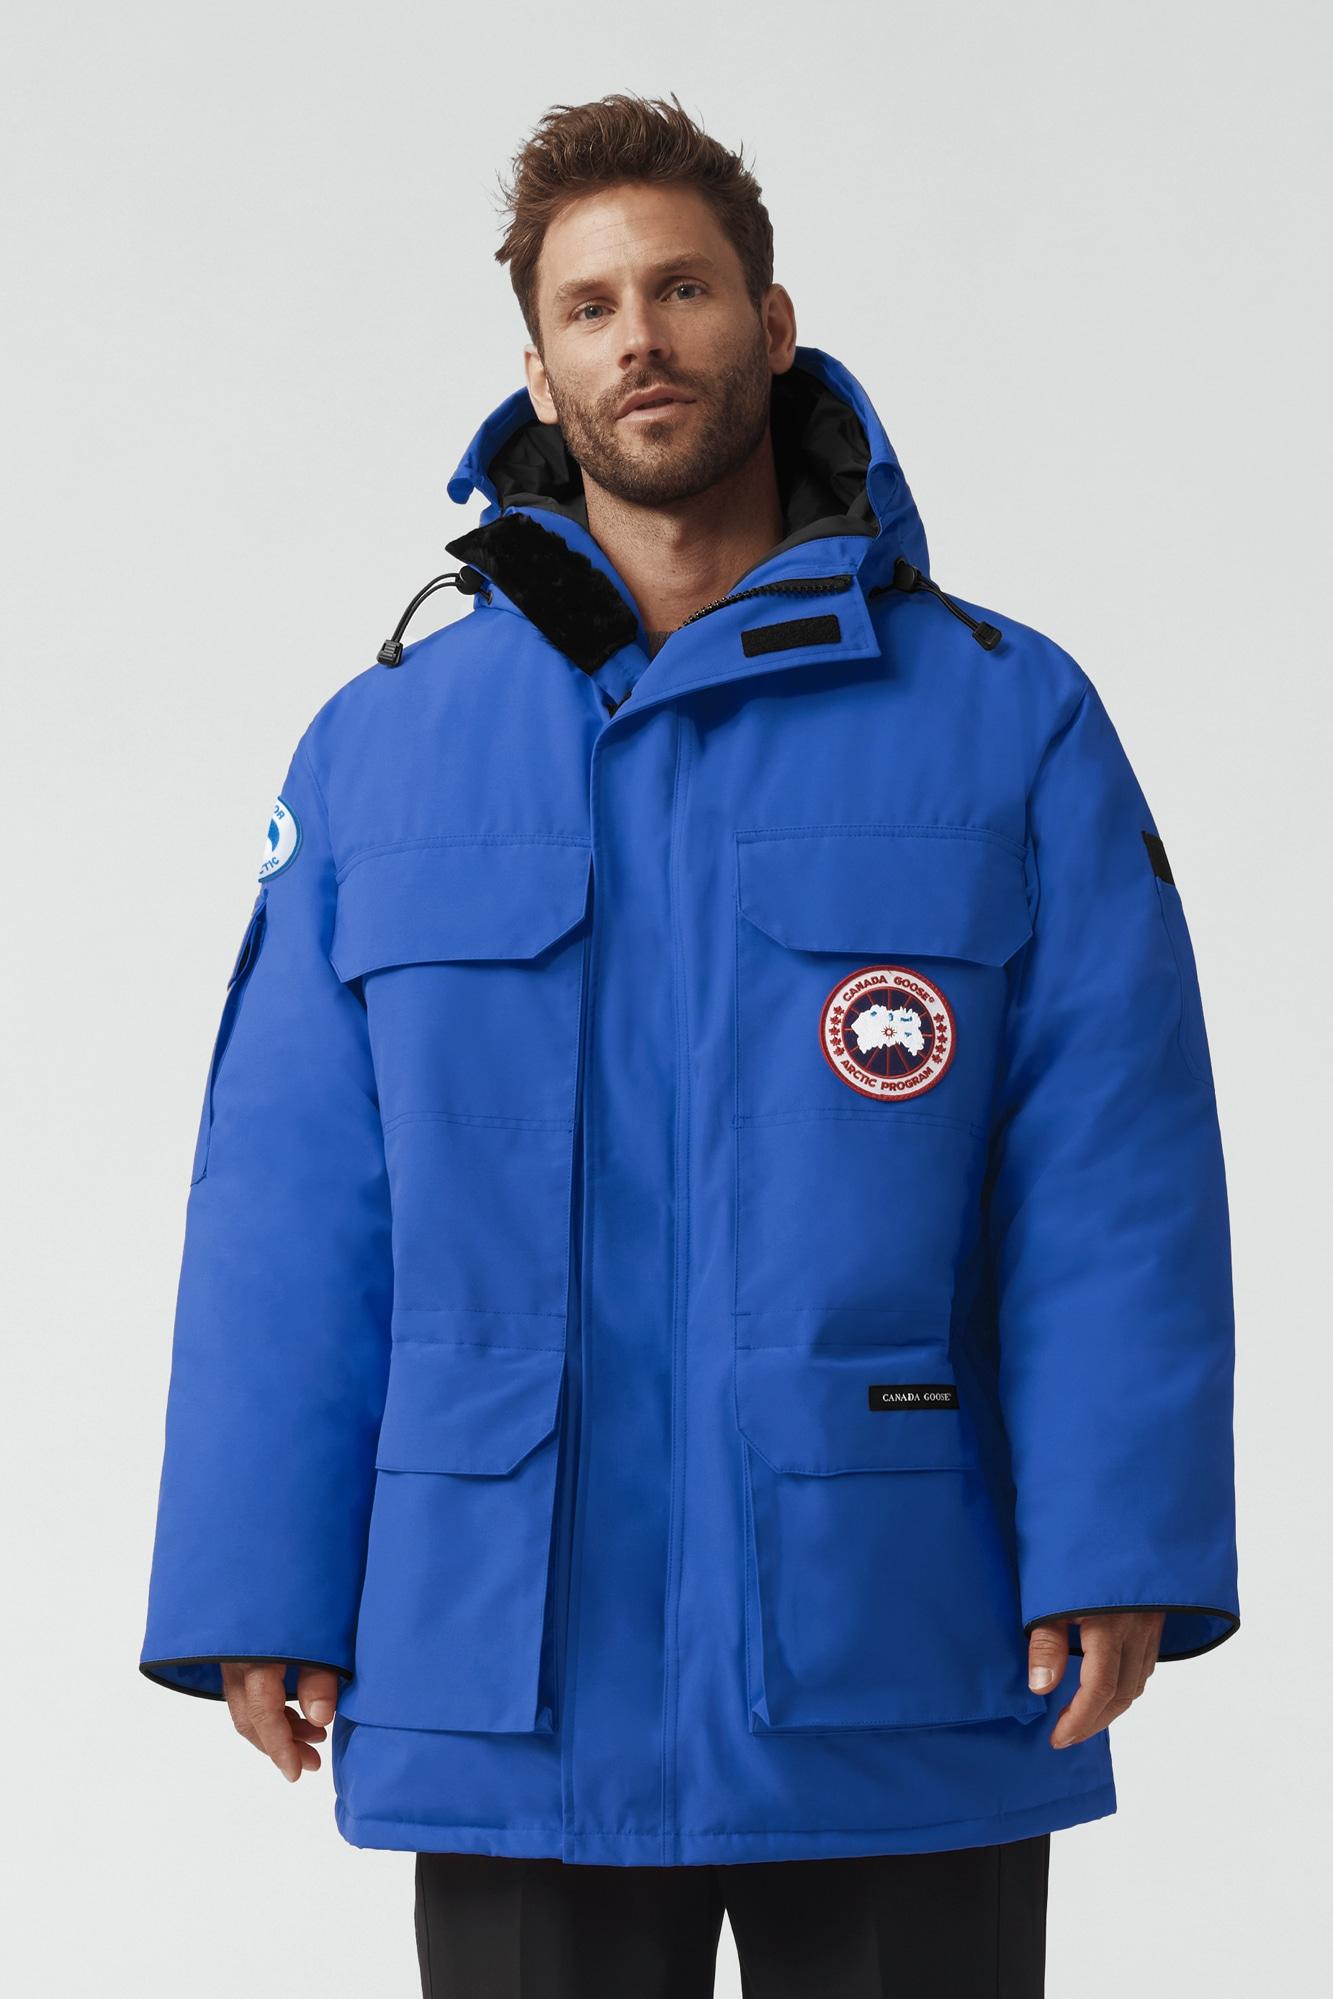 Polar expedition jacke